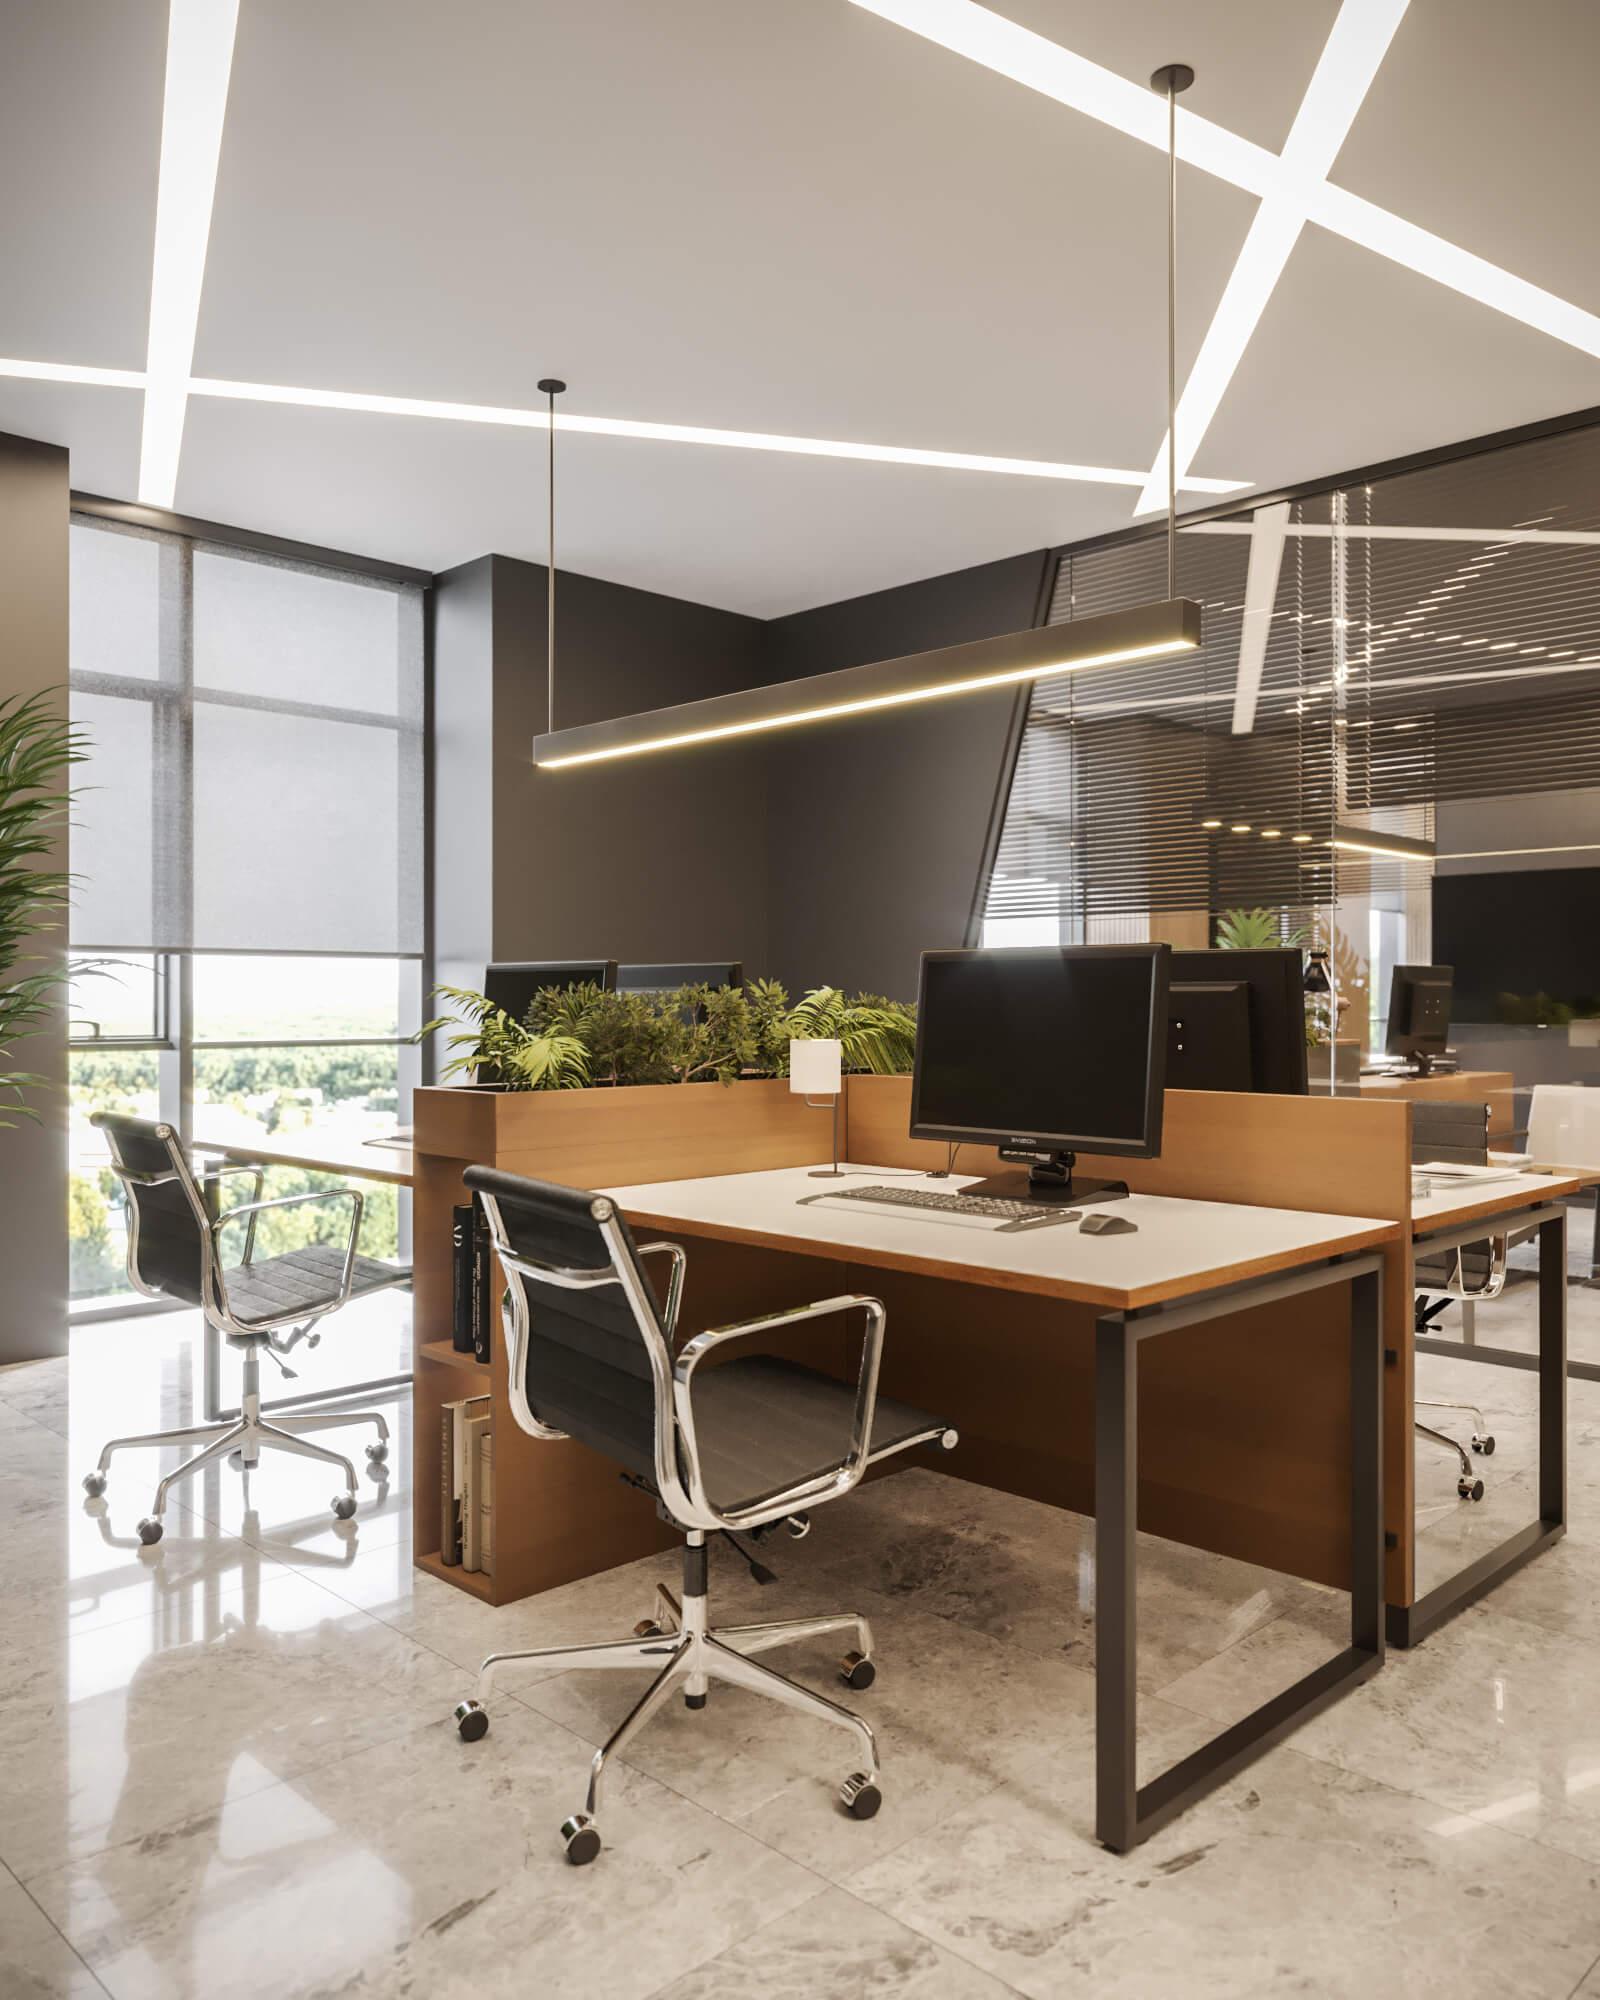 office design 4590 Mahall Ankara Offices